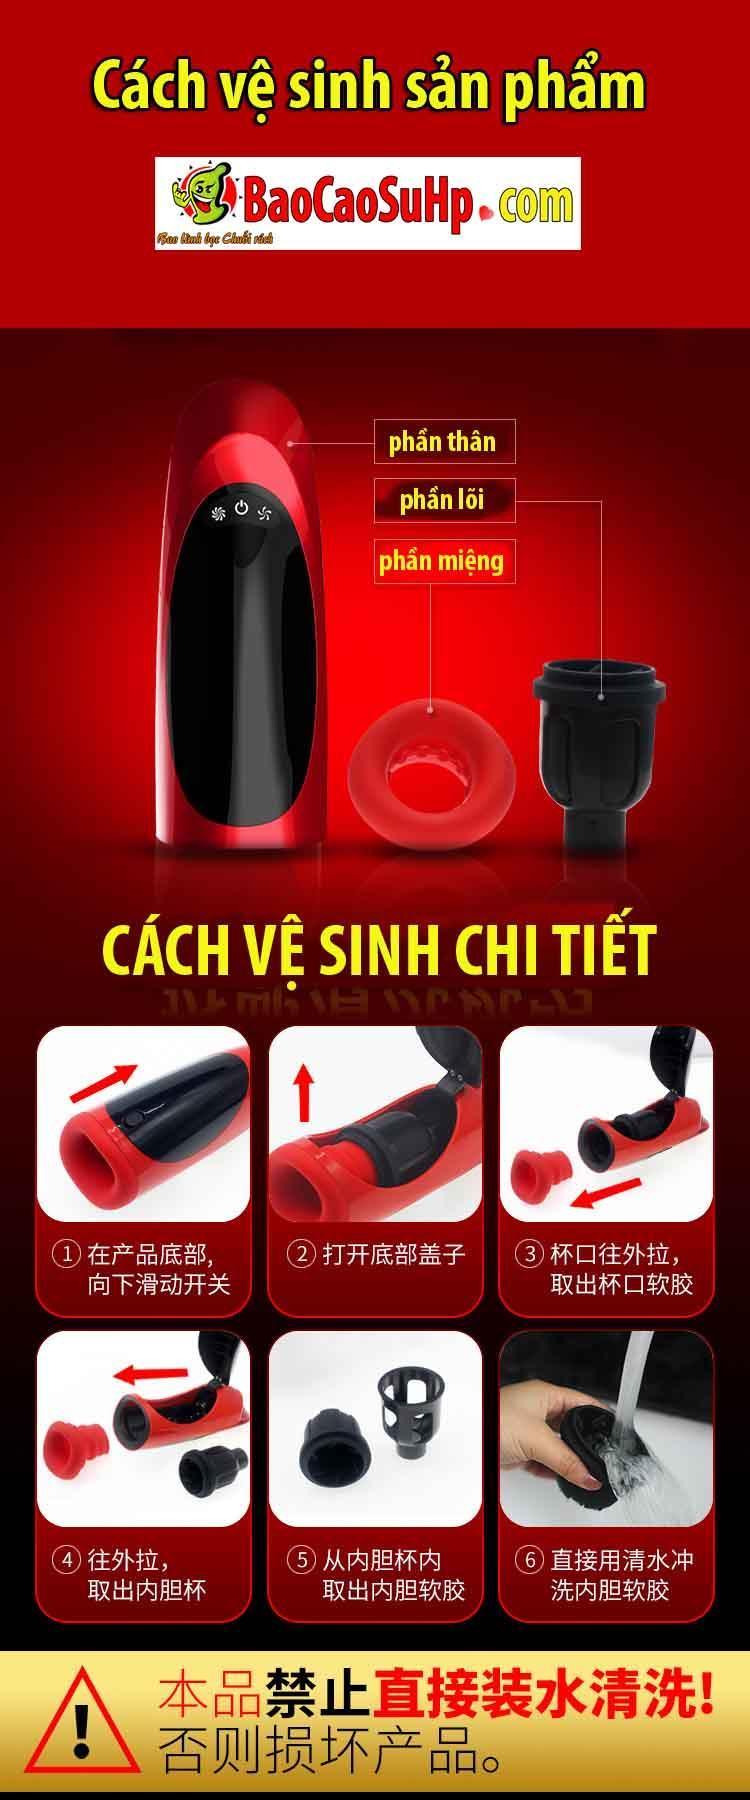 20181219112021 6667765 sextoy am dao tu dong super red 9 - Âm đạo cầm tay cao cấp tự động Super Red